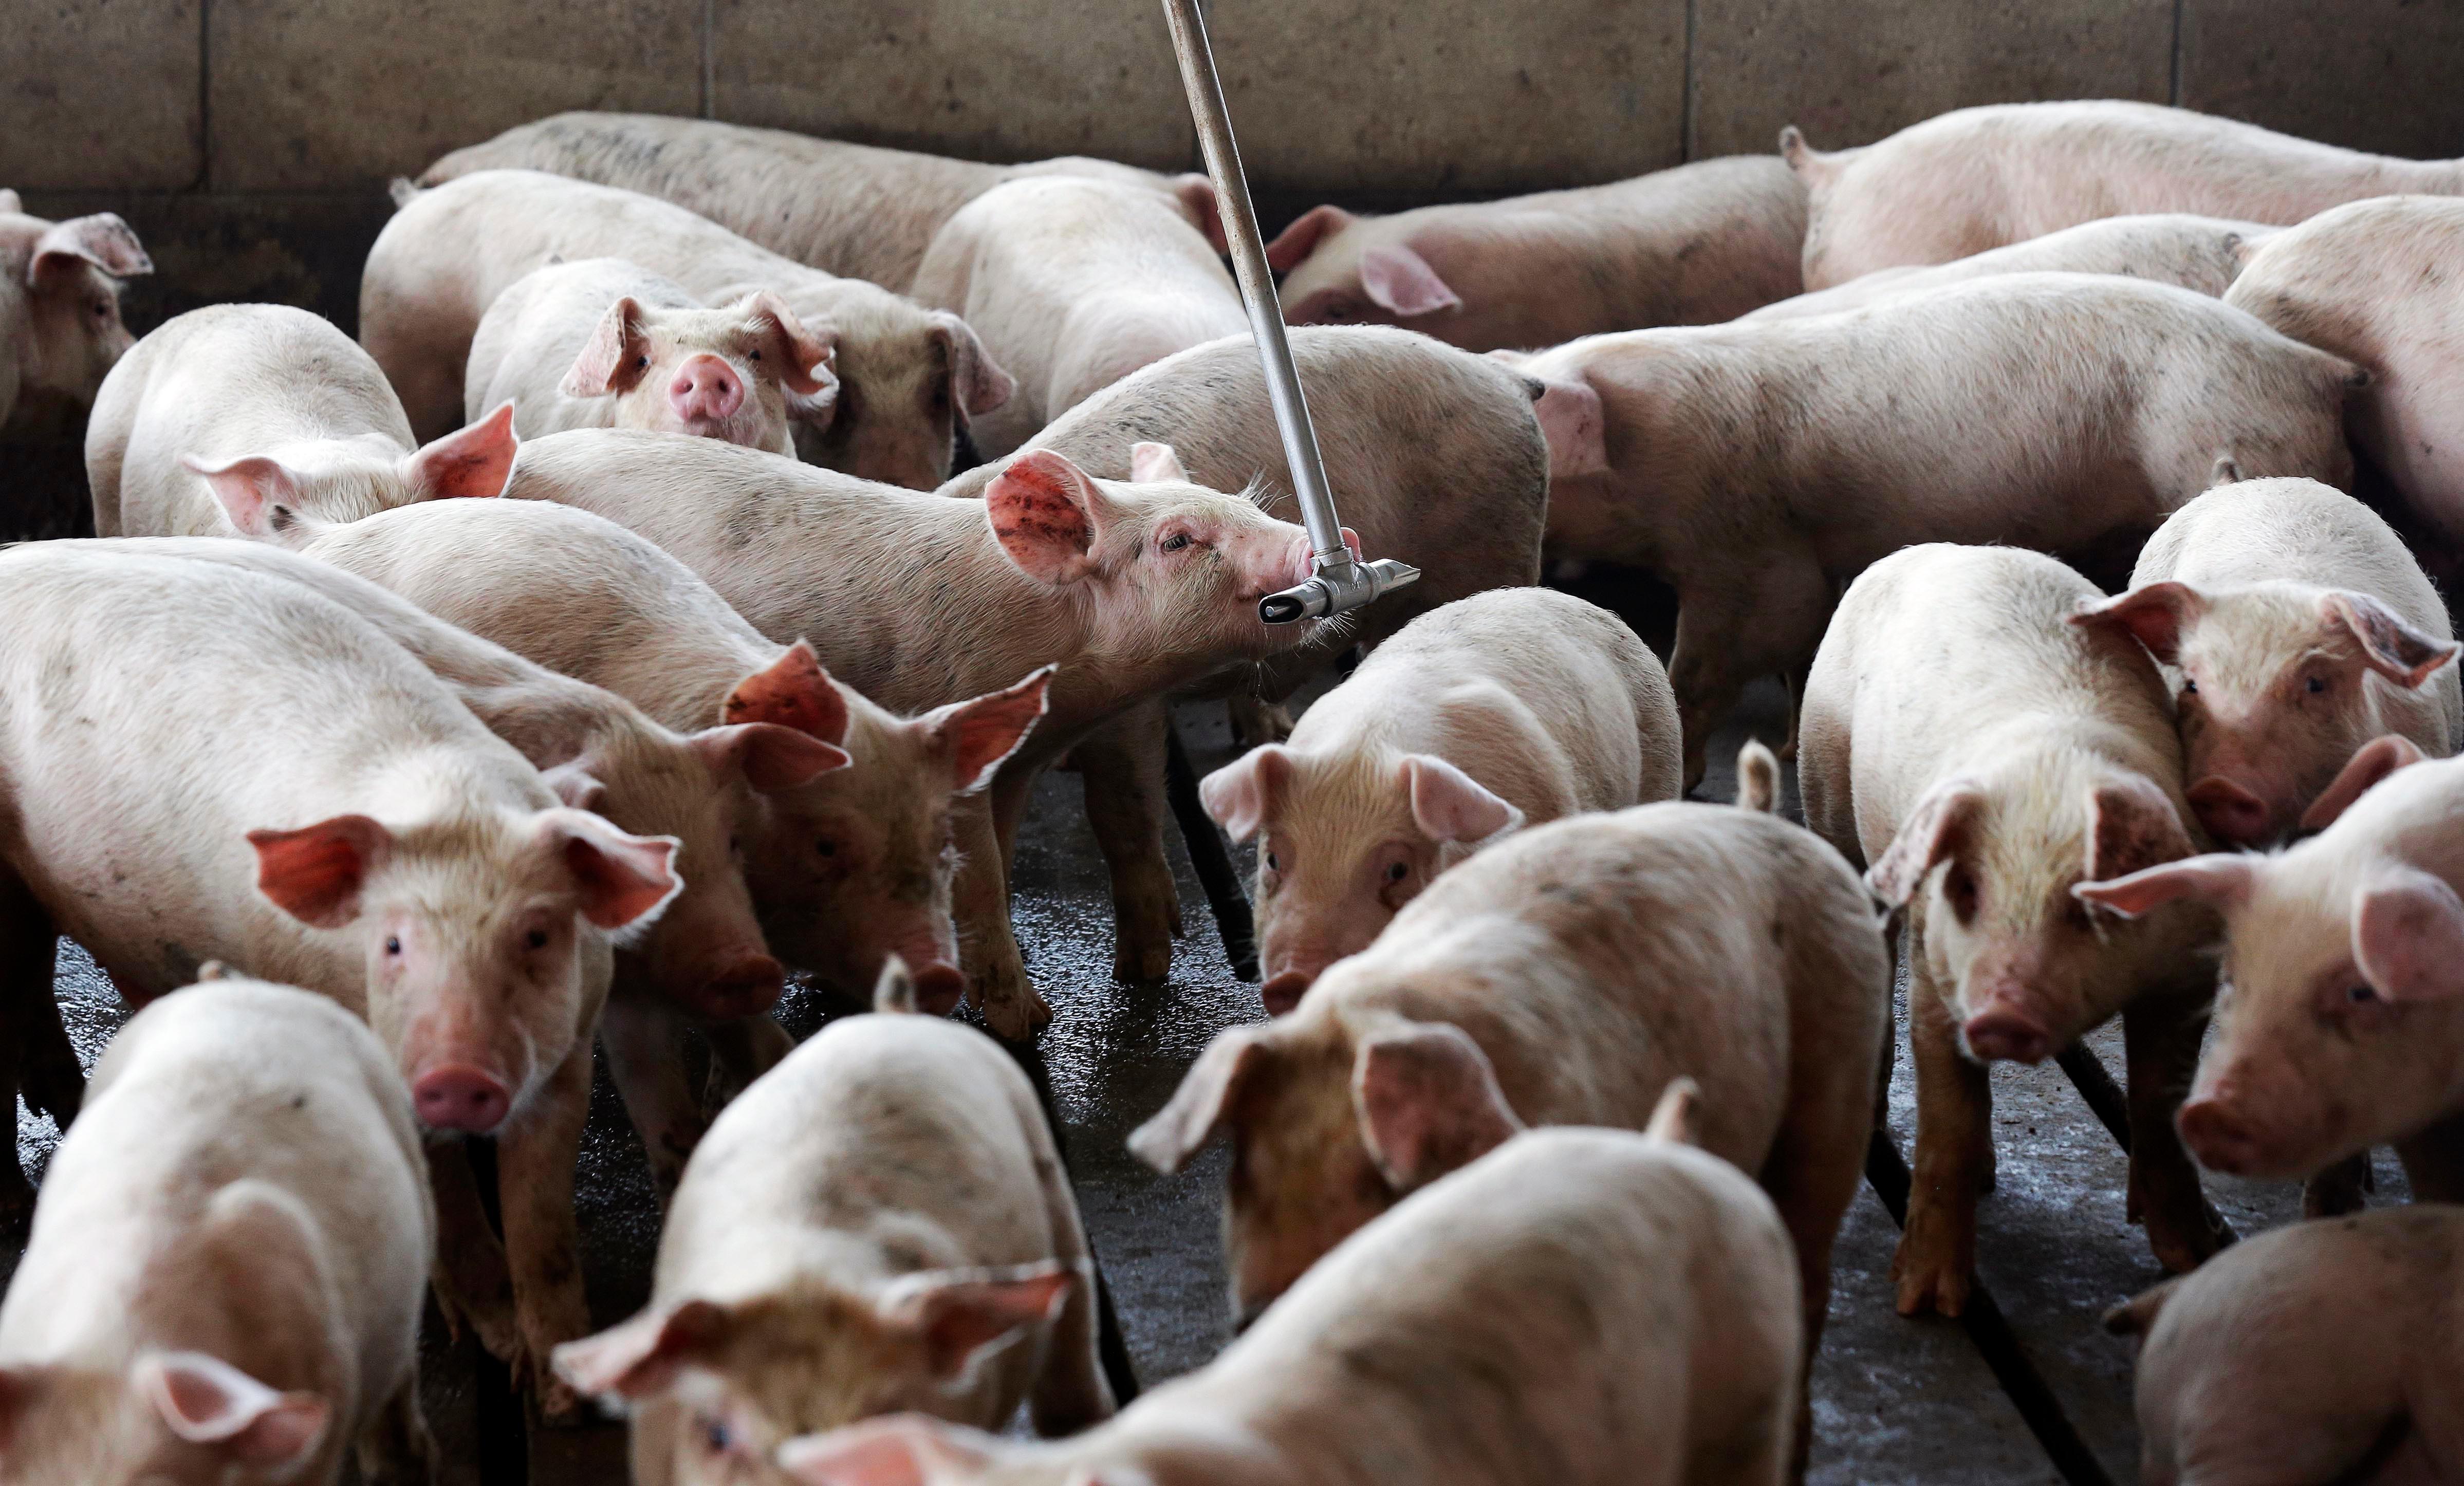 指加拿大「有错就改」 中国证实将恢復进口猪牛肉